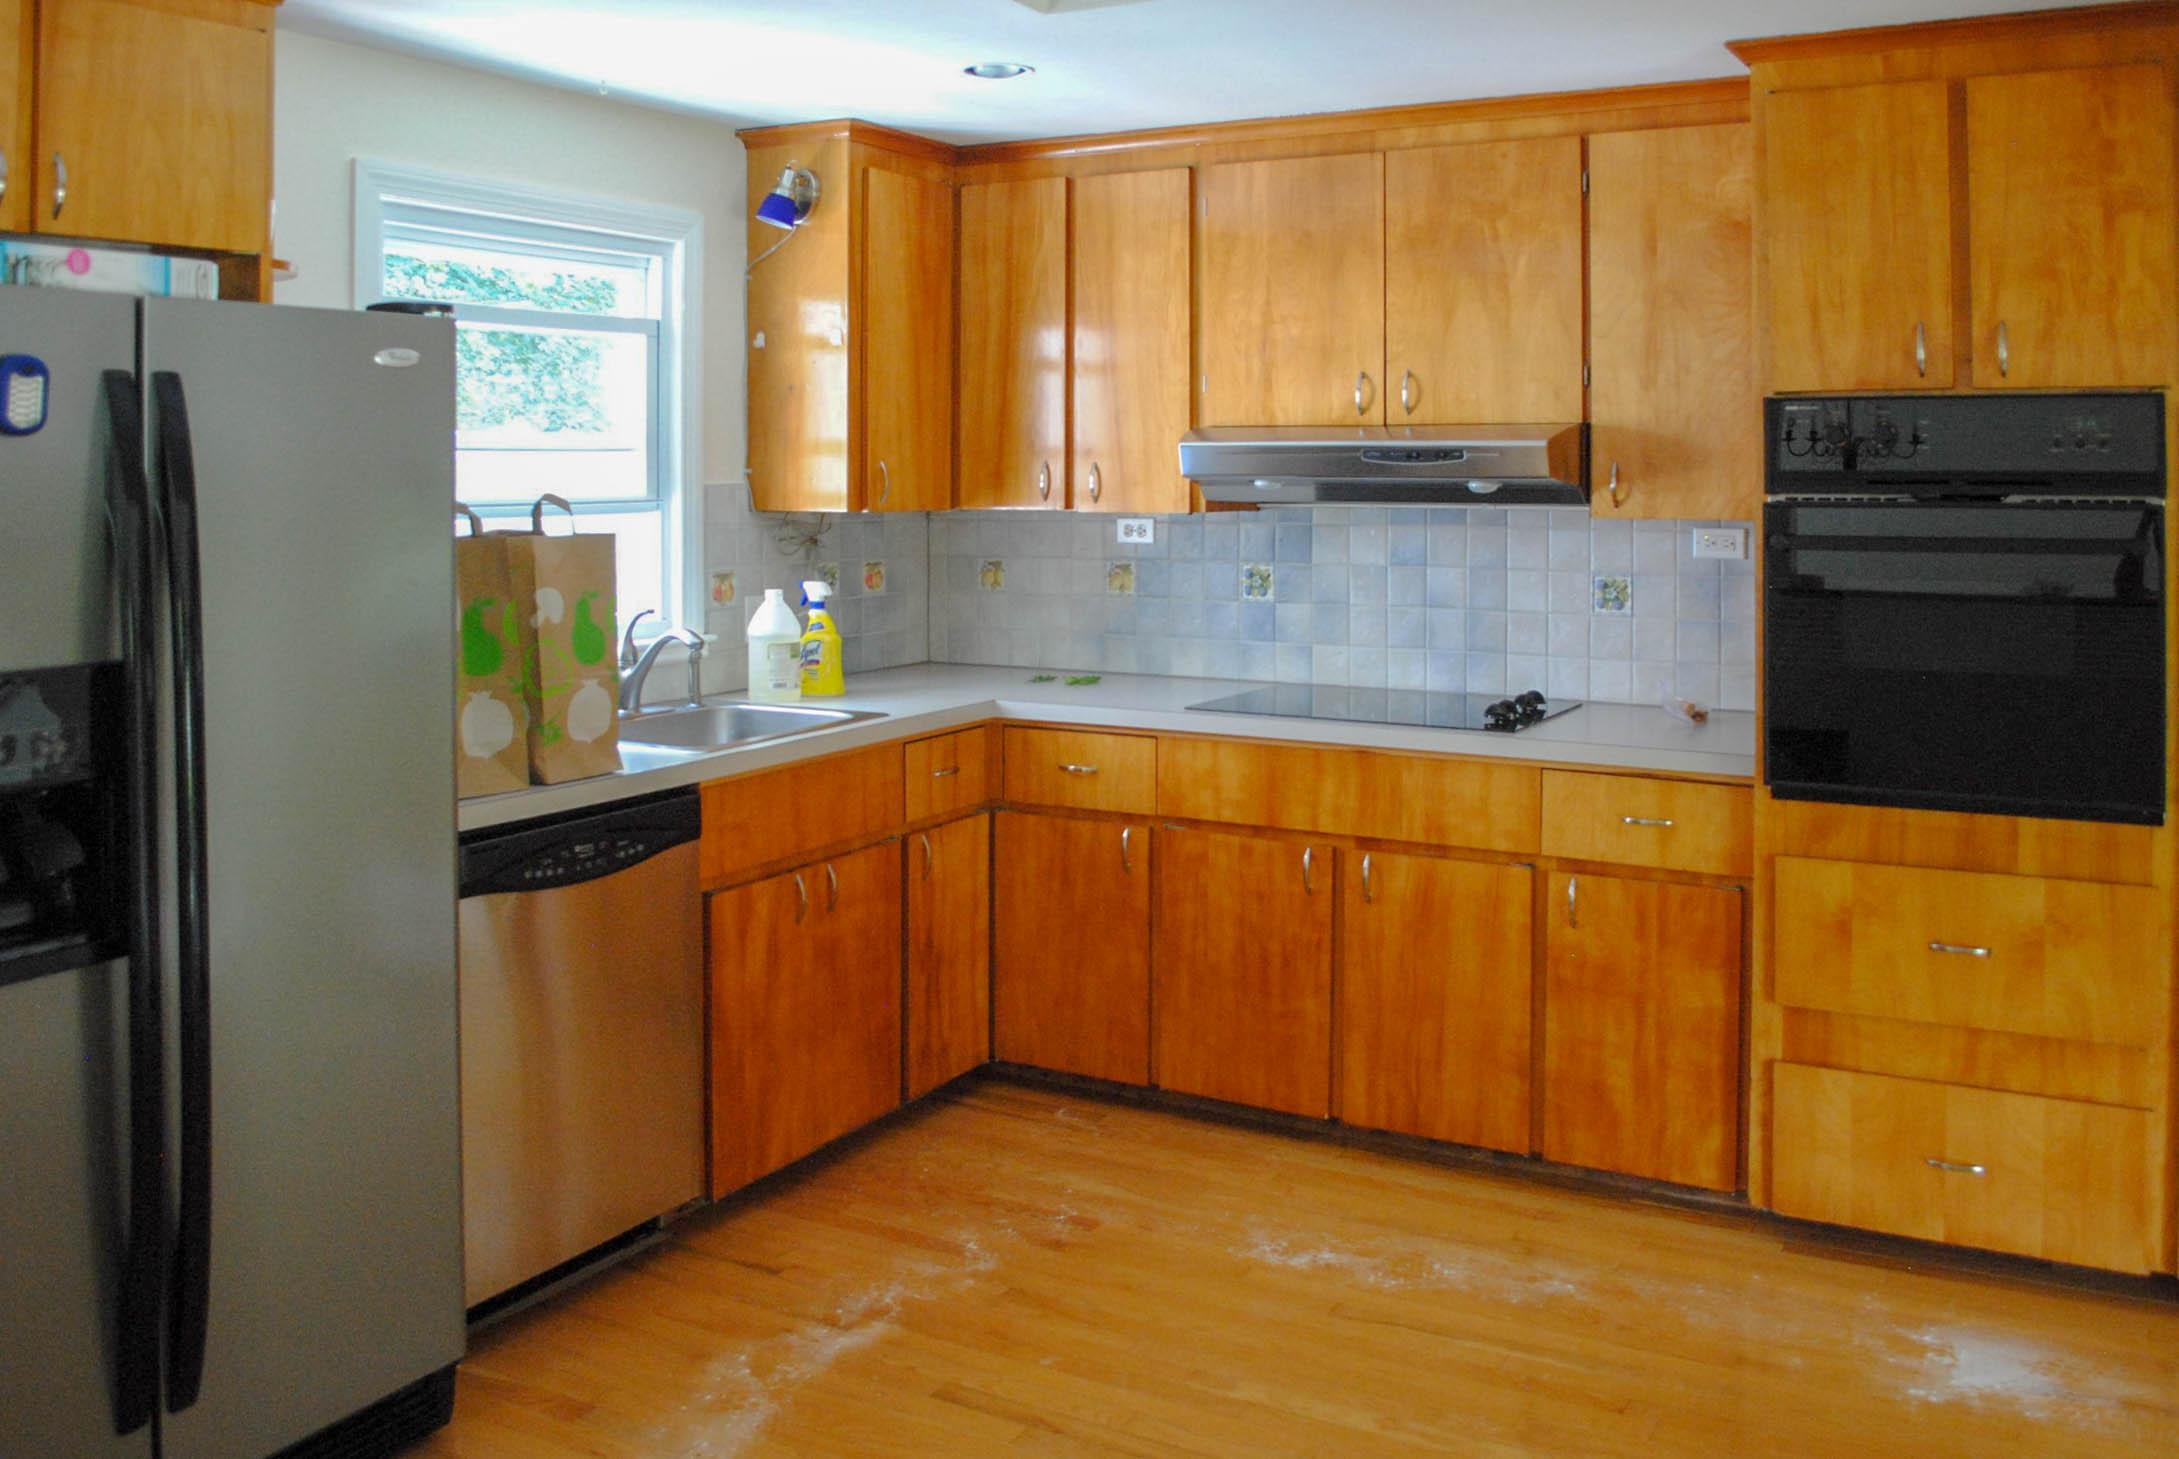 Bre kitchen before.jpg